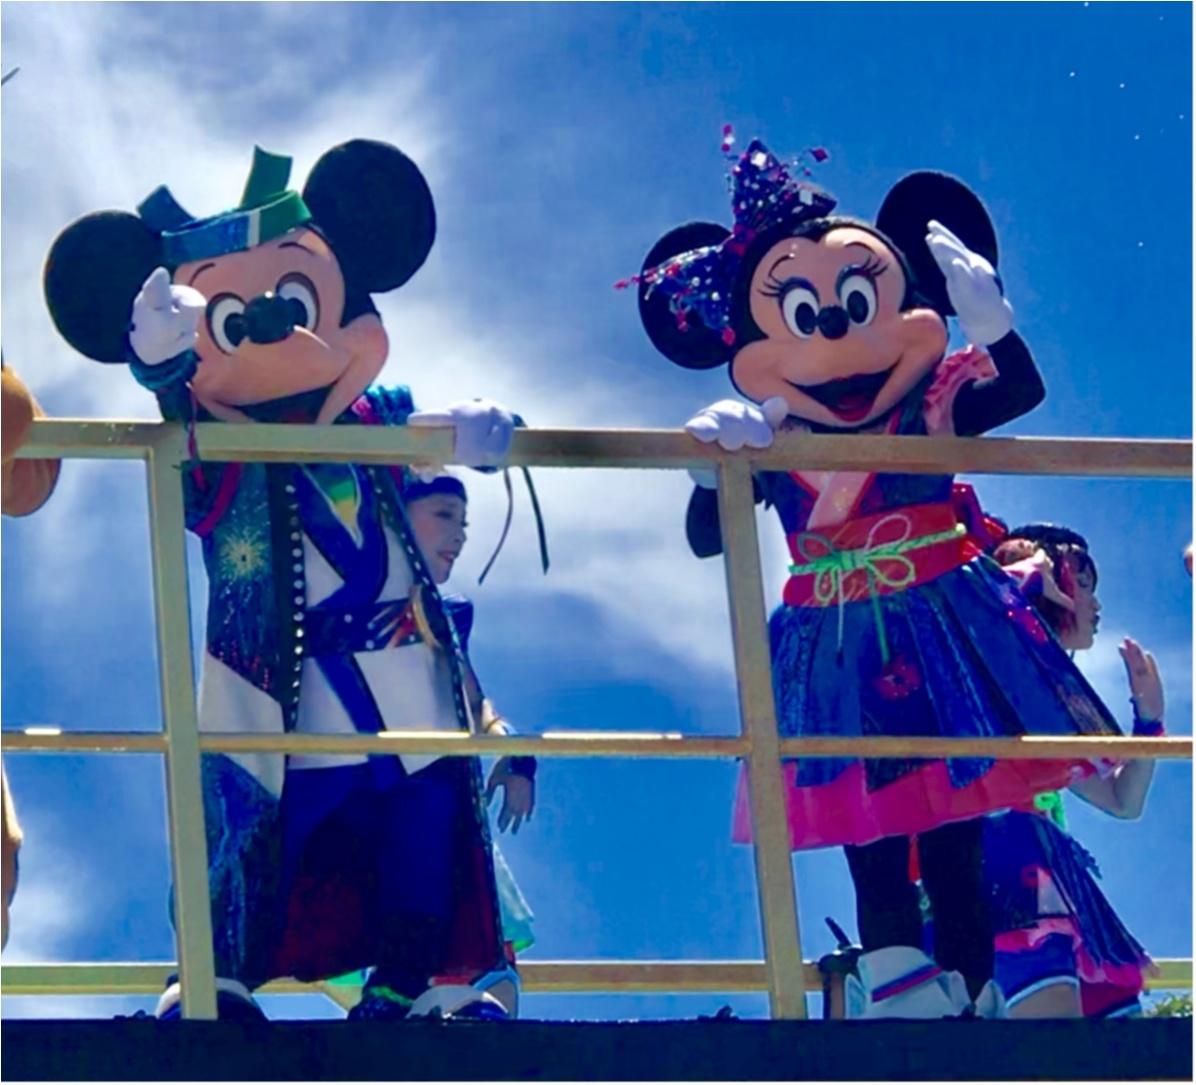 ディズニー,ディズニーランド,夏祭り,ミッキー,Happiest Celebration,35周年